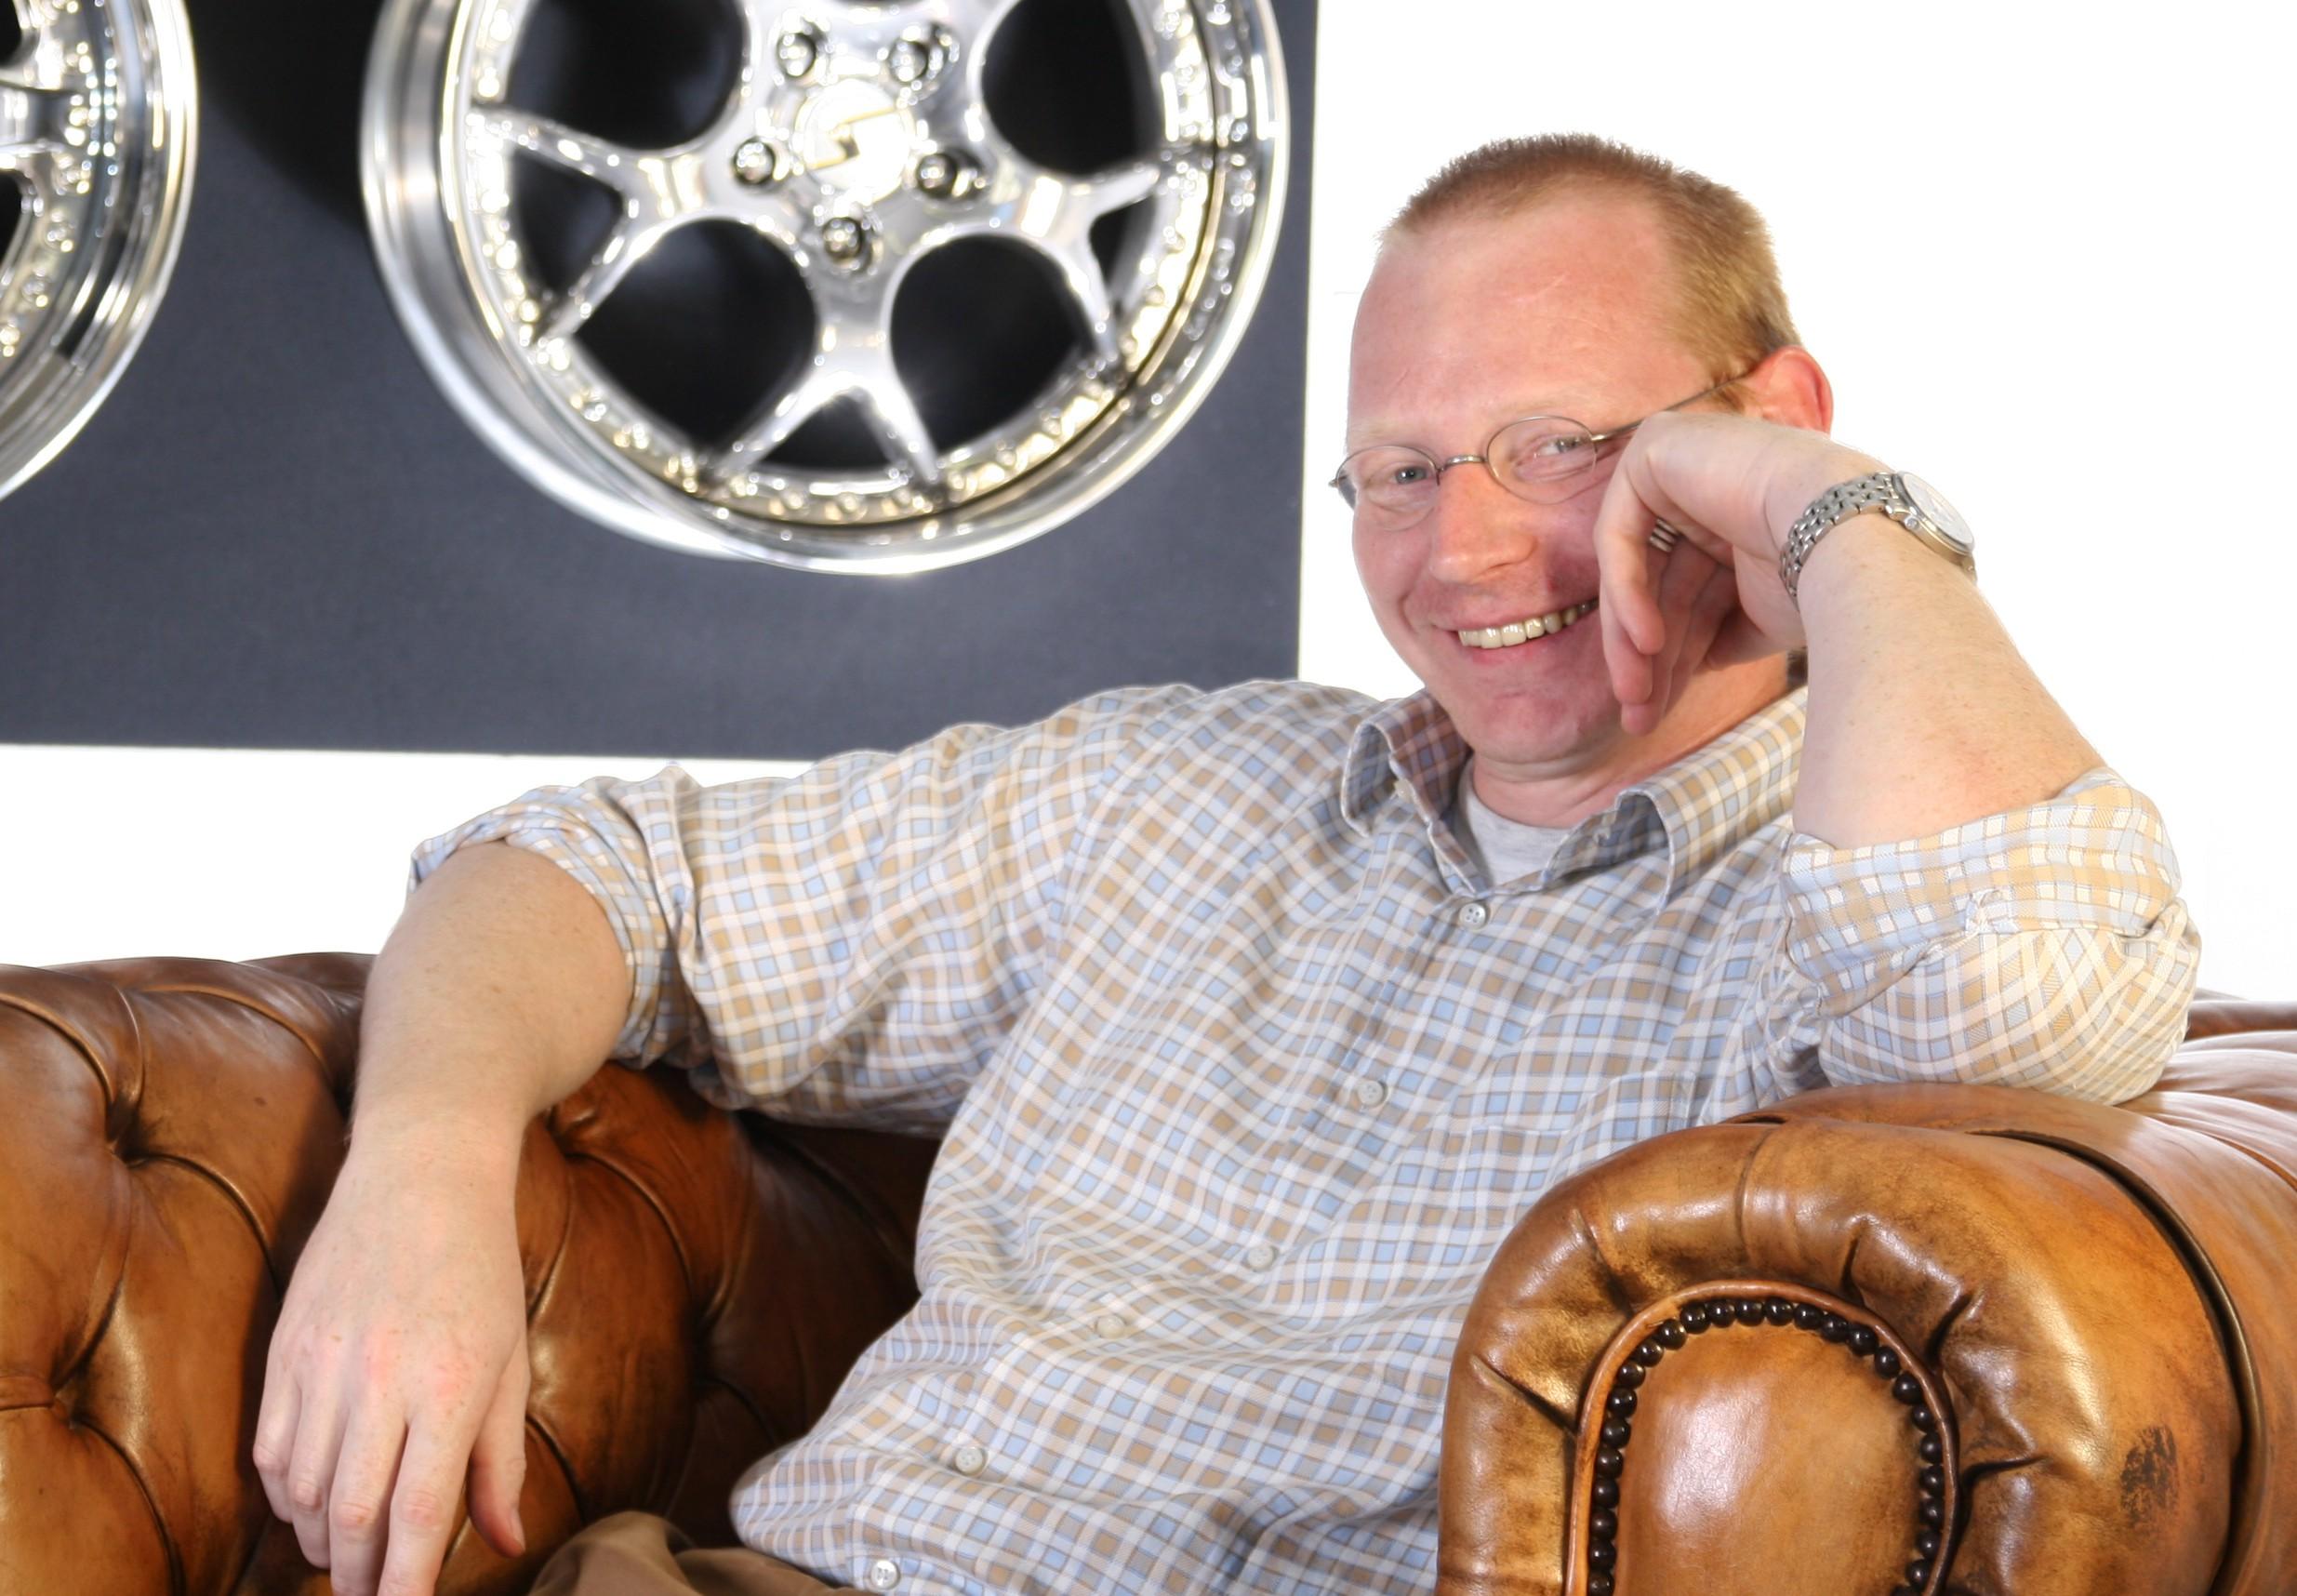 Volker Schmidt is the CEO of Schmidt Wheels